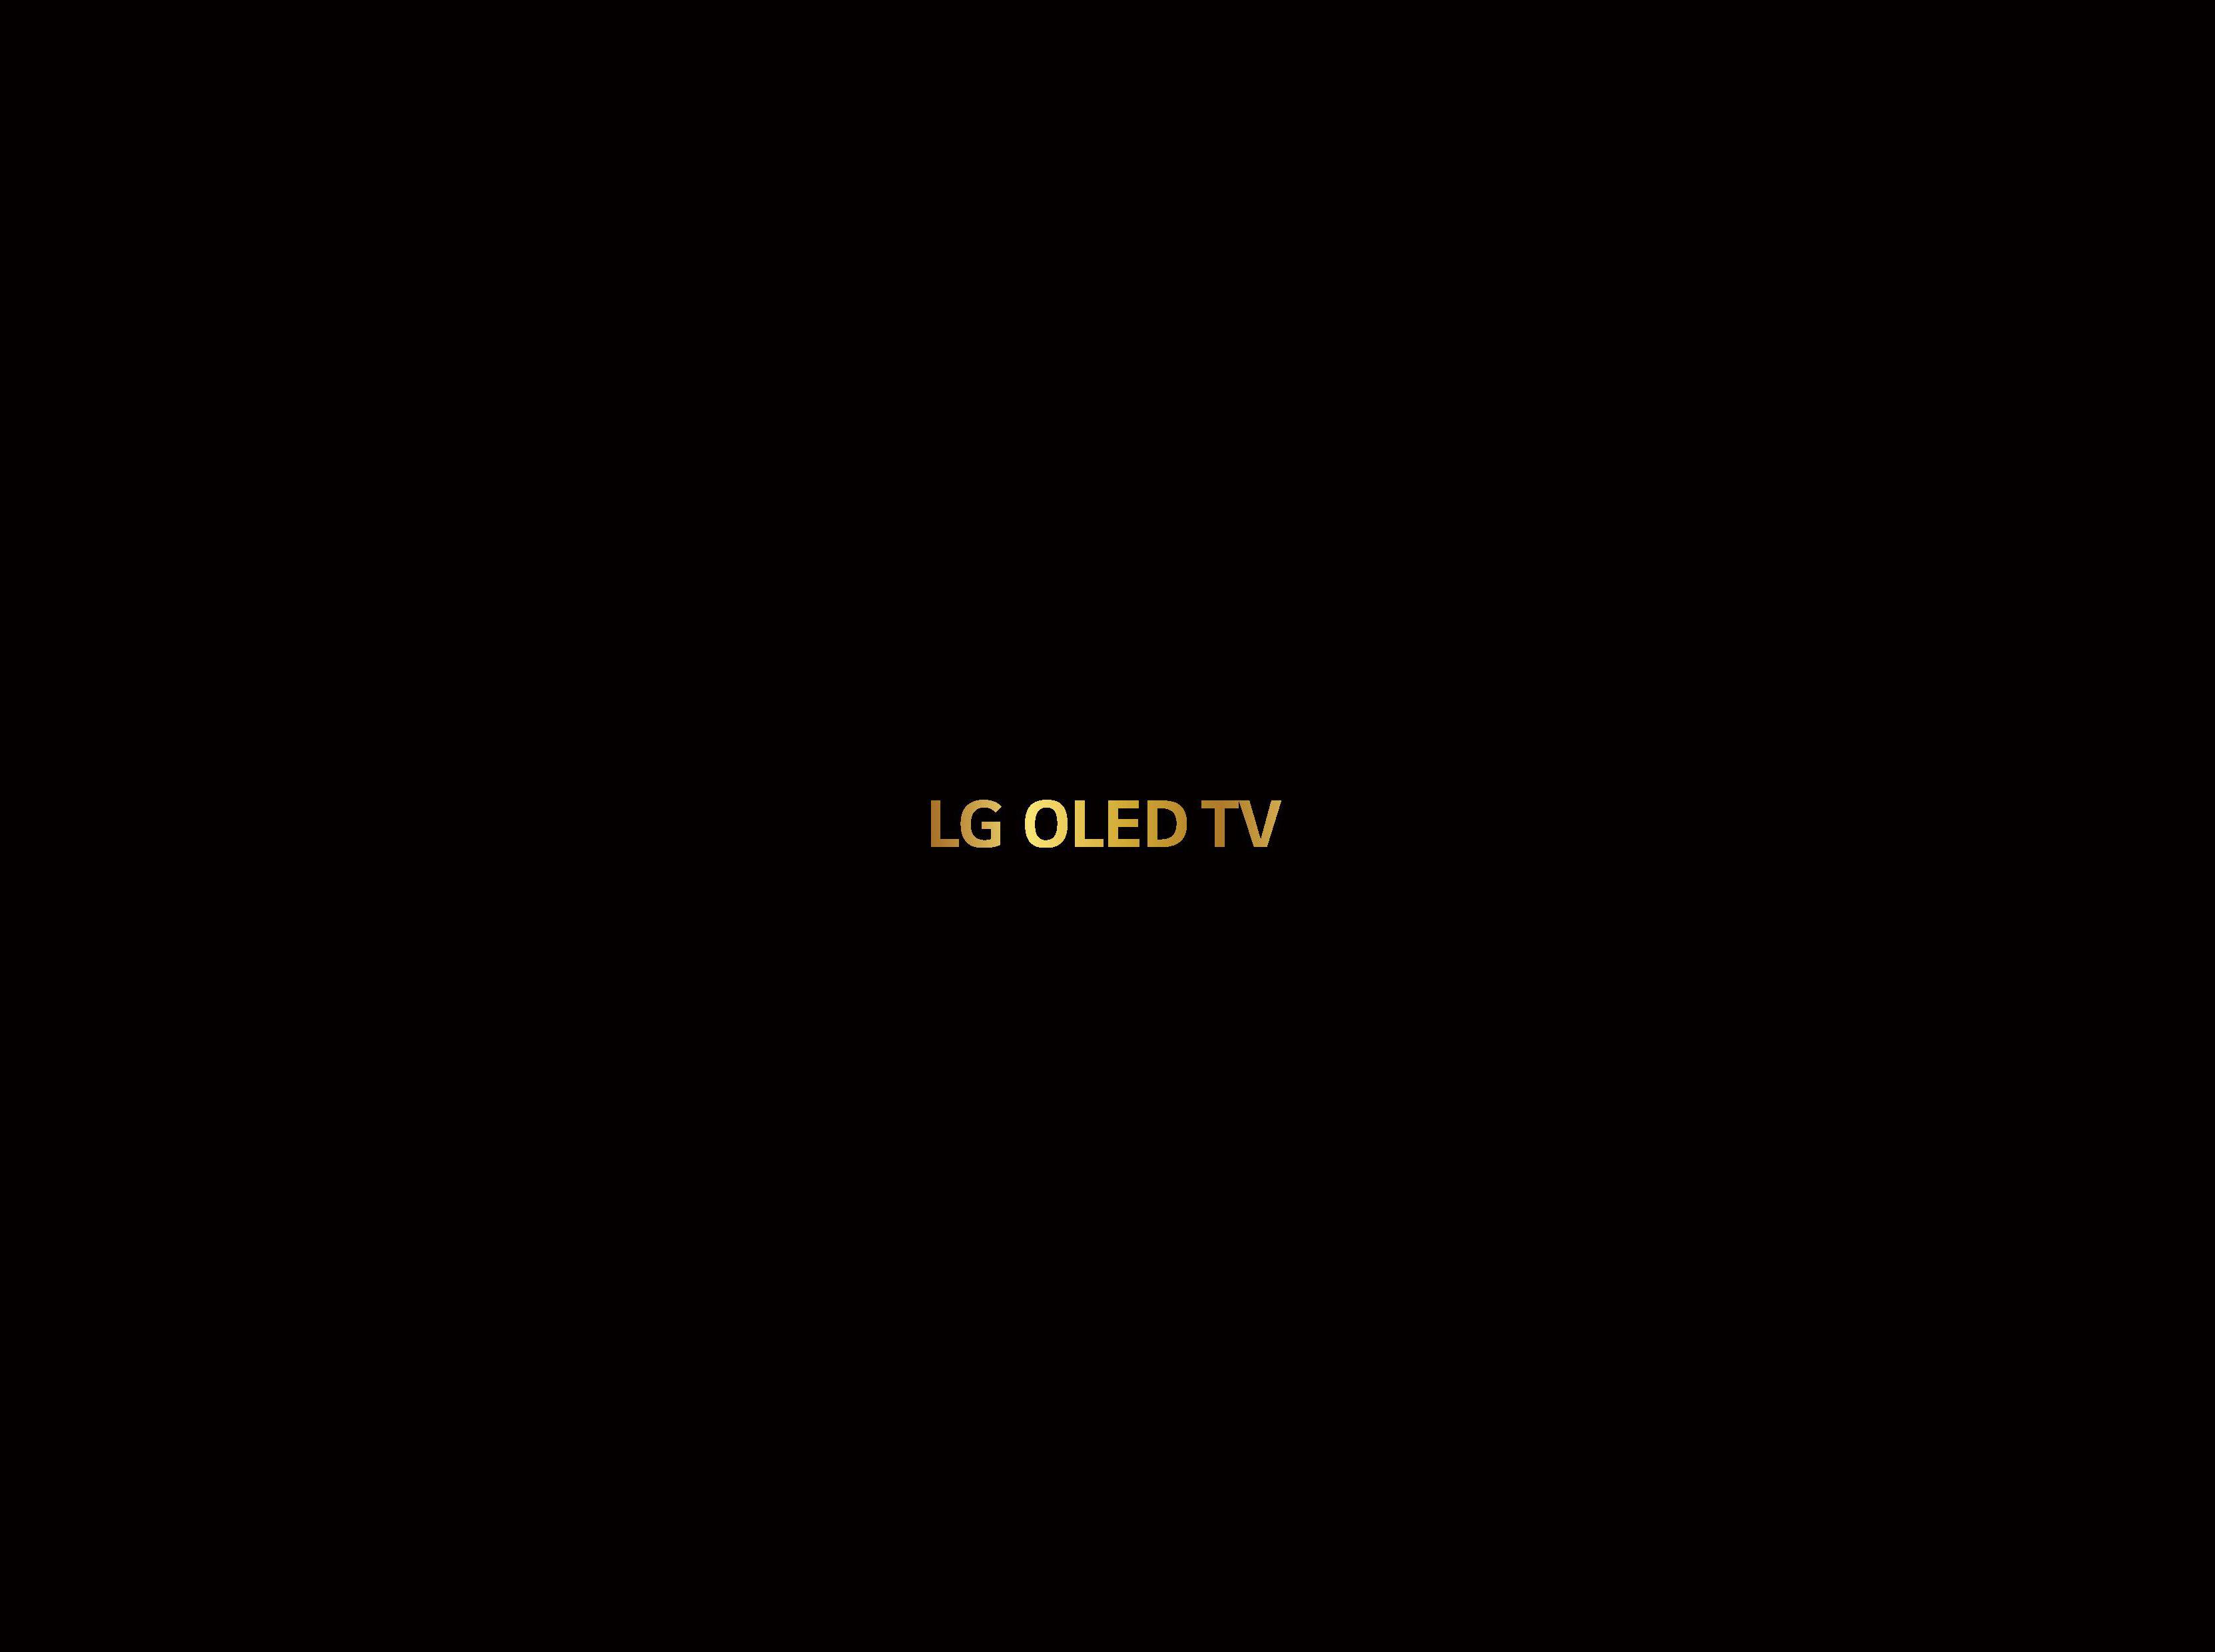 LG OLED TV_Cover.jpg